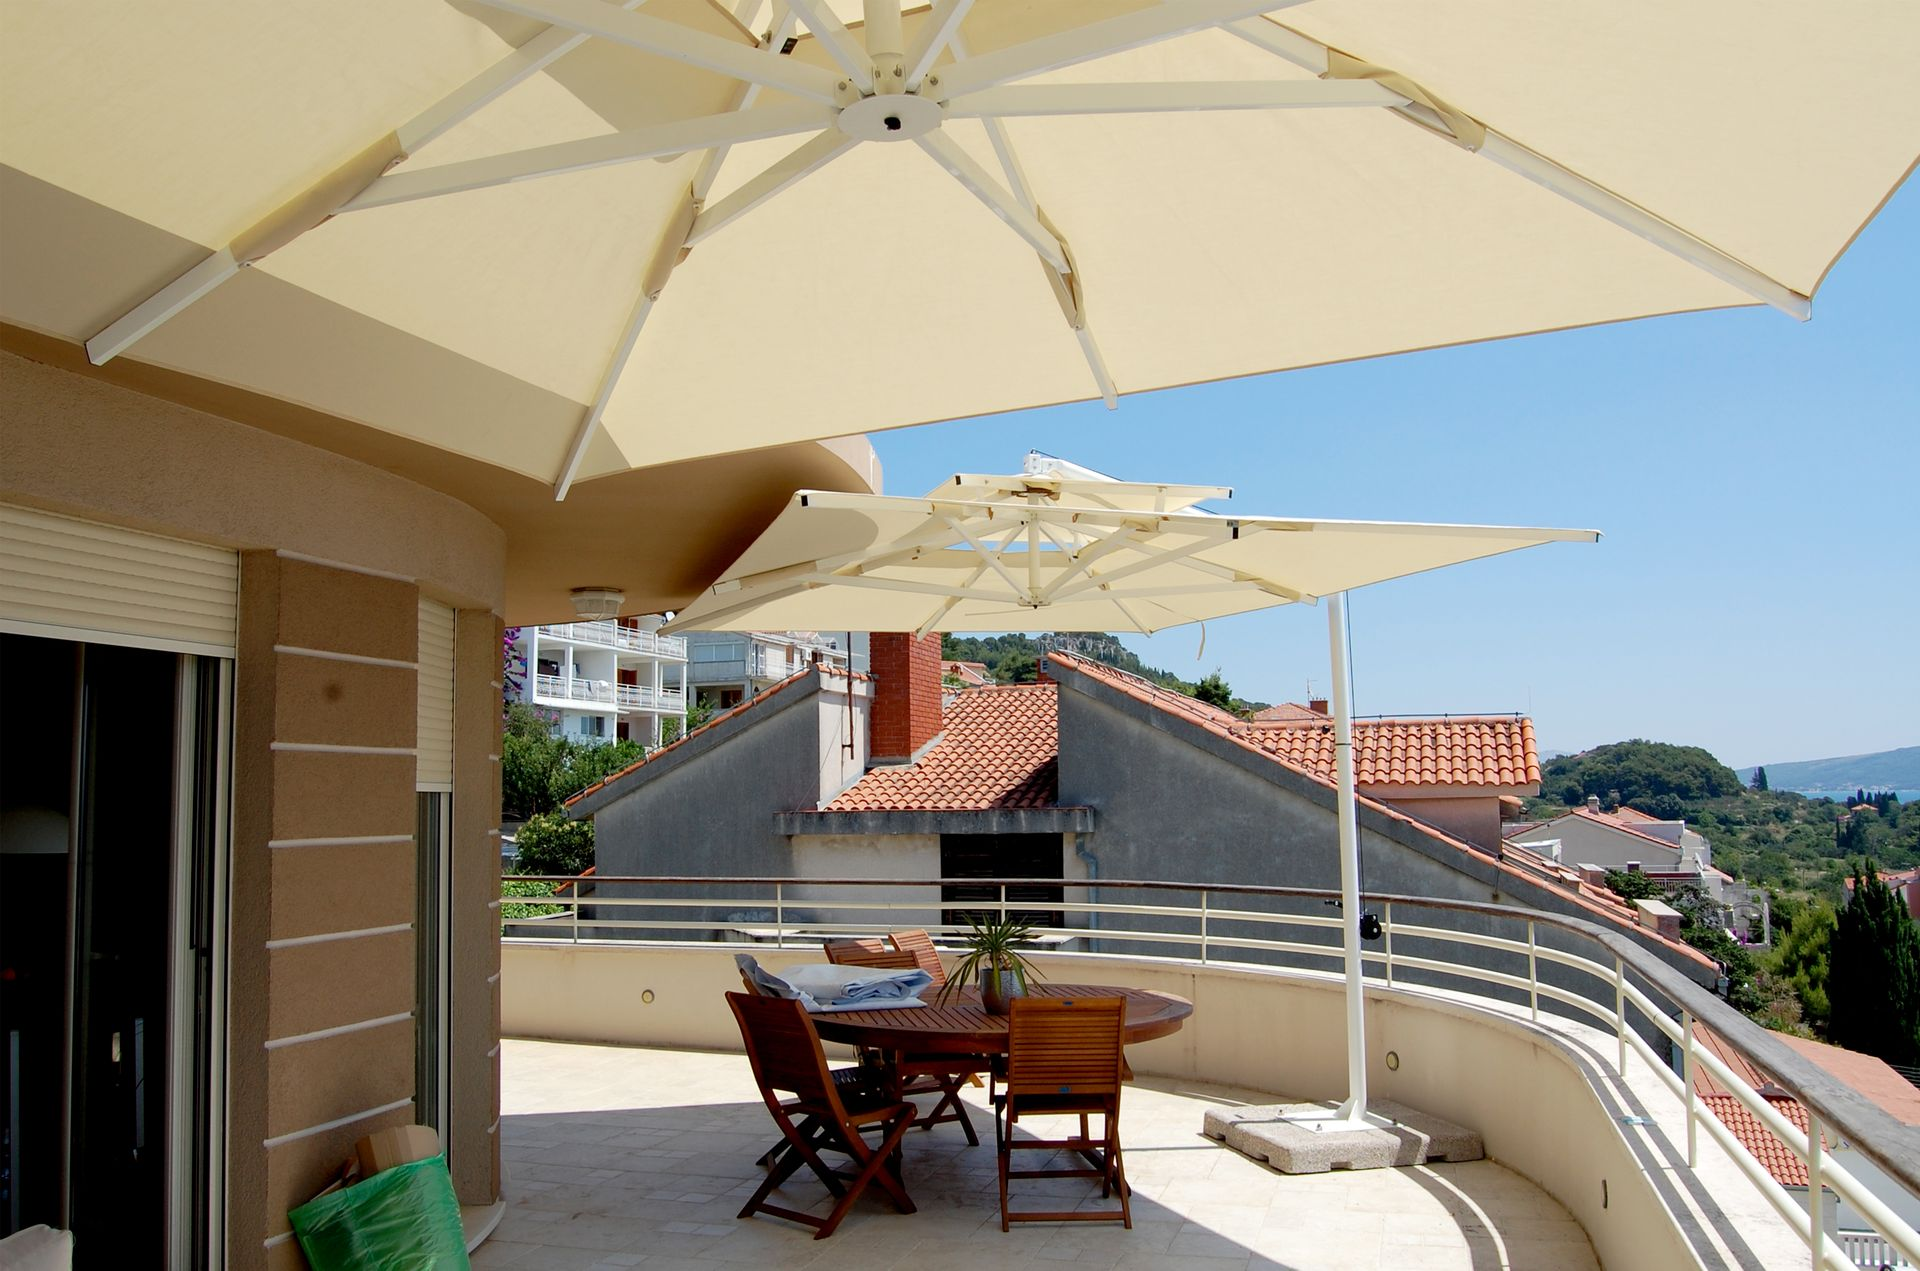 talento-steel-wall-mounted-umbrella-3